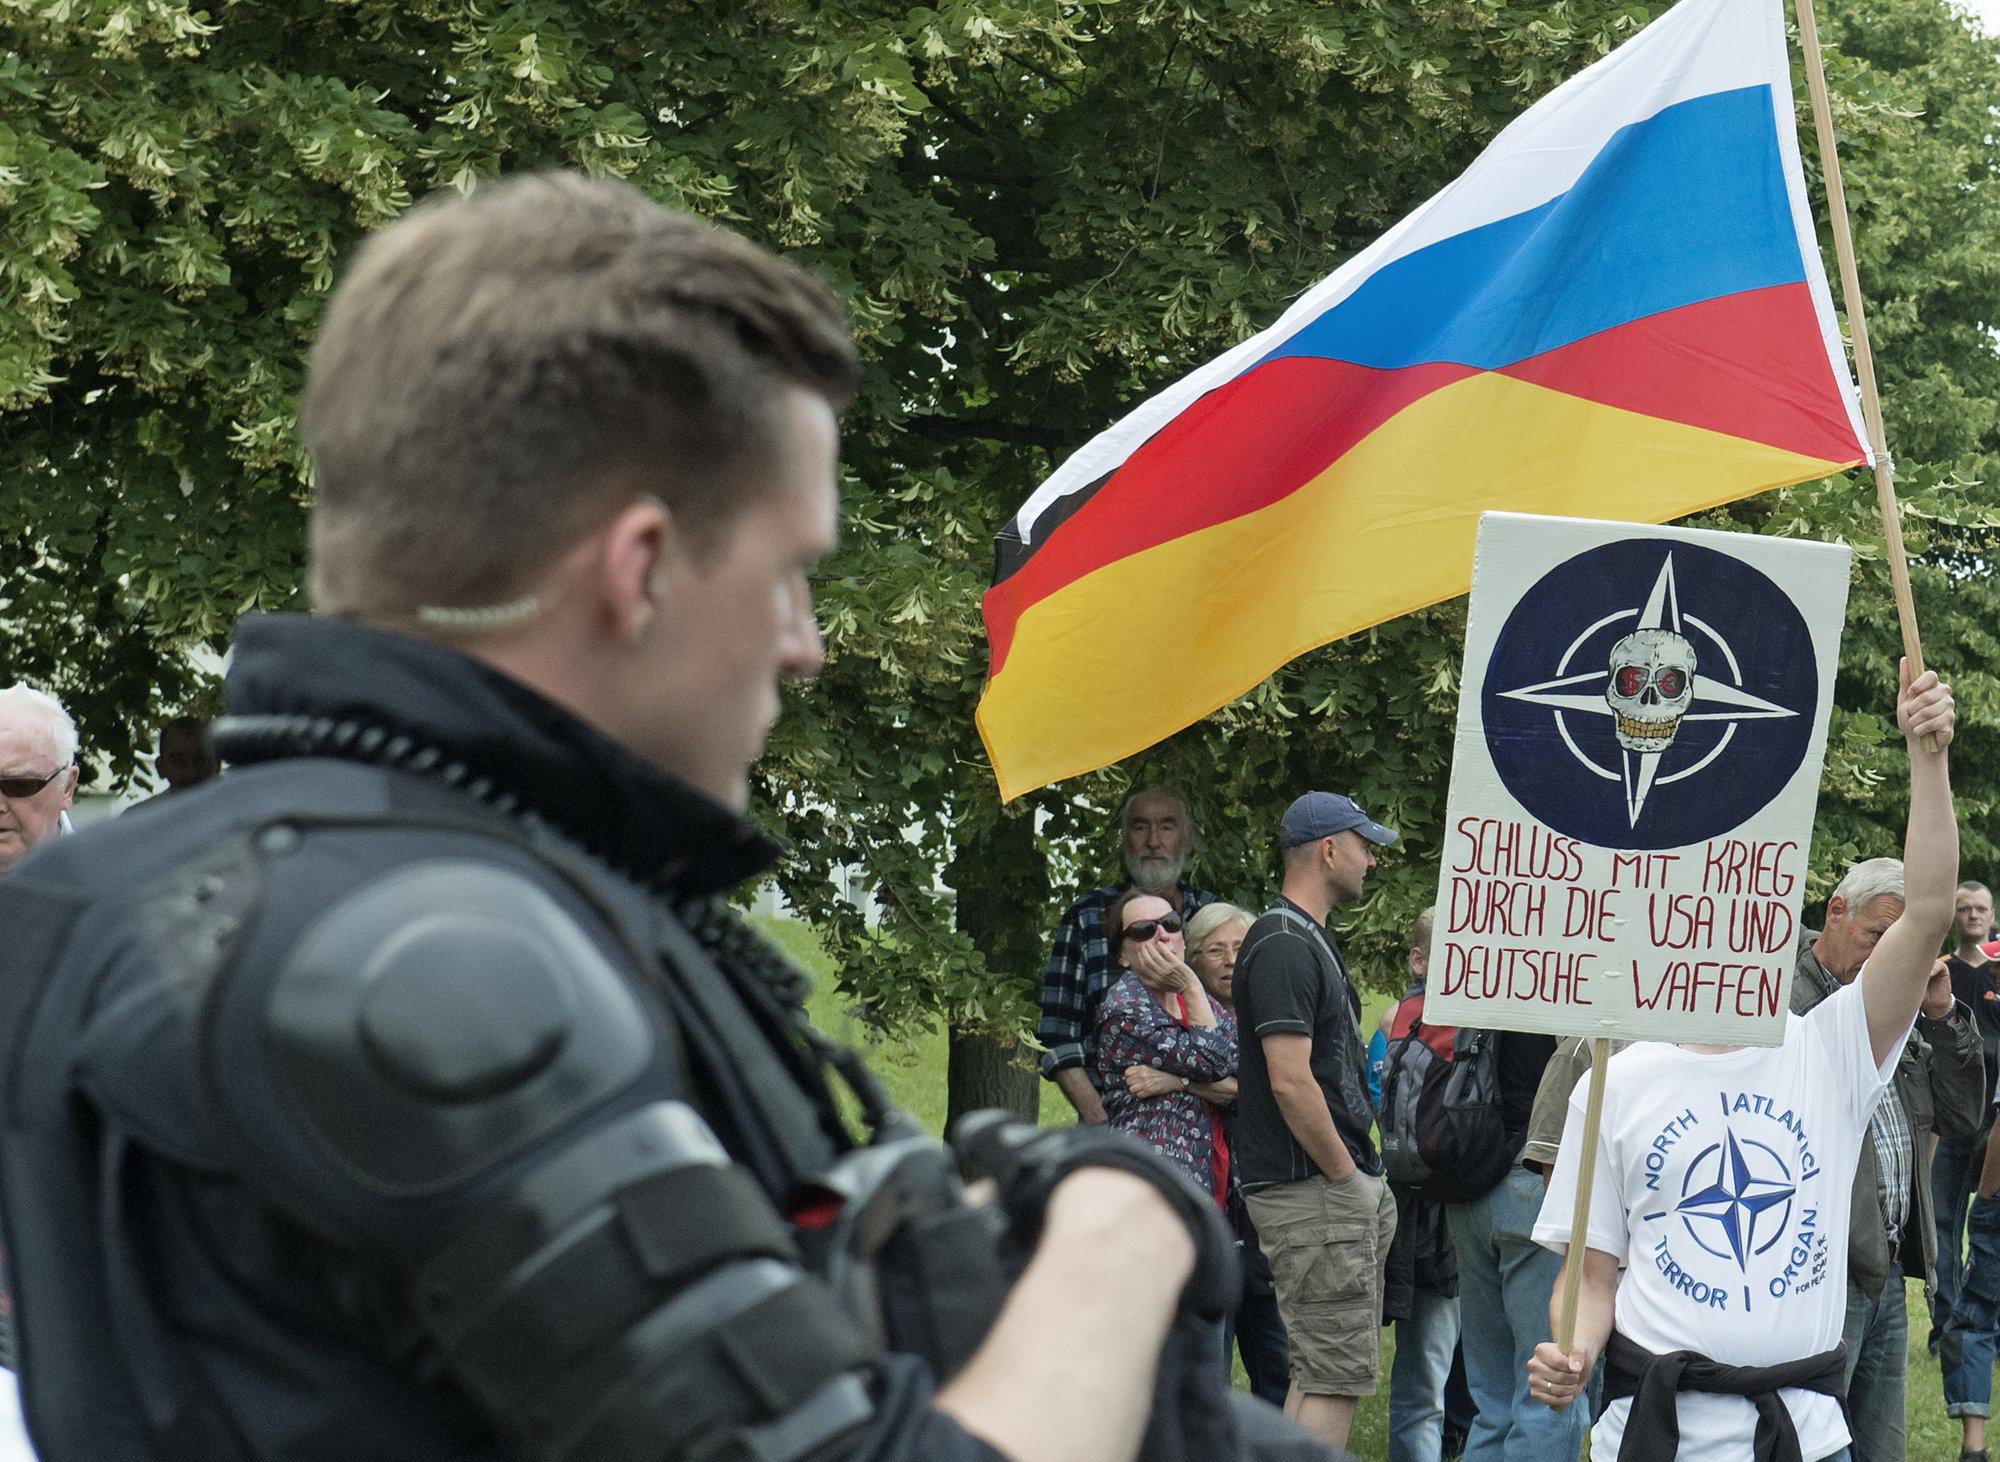 Немцы симпатизируют русским, но не политике президента Путина